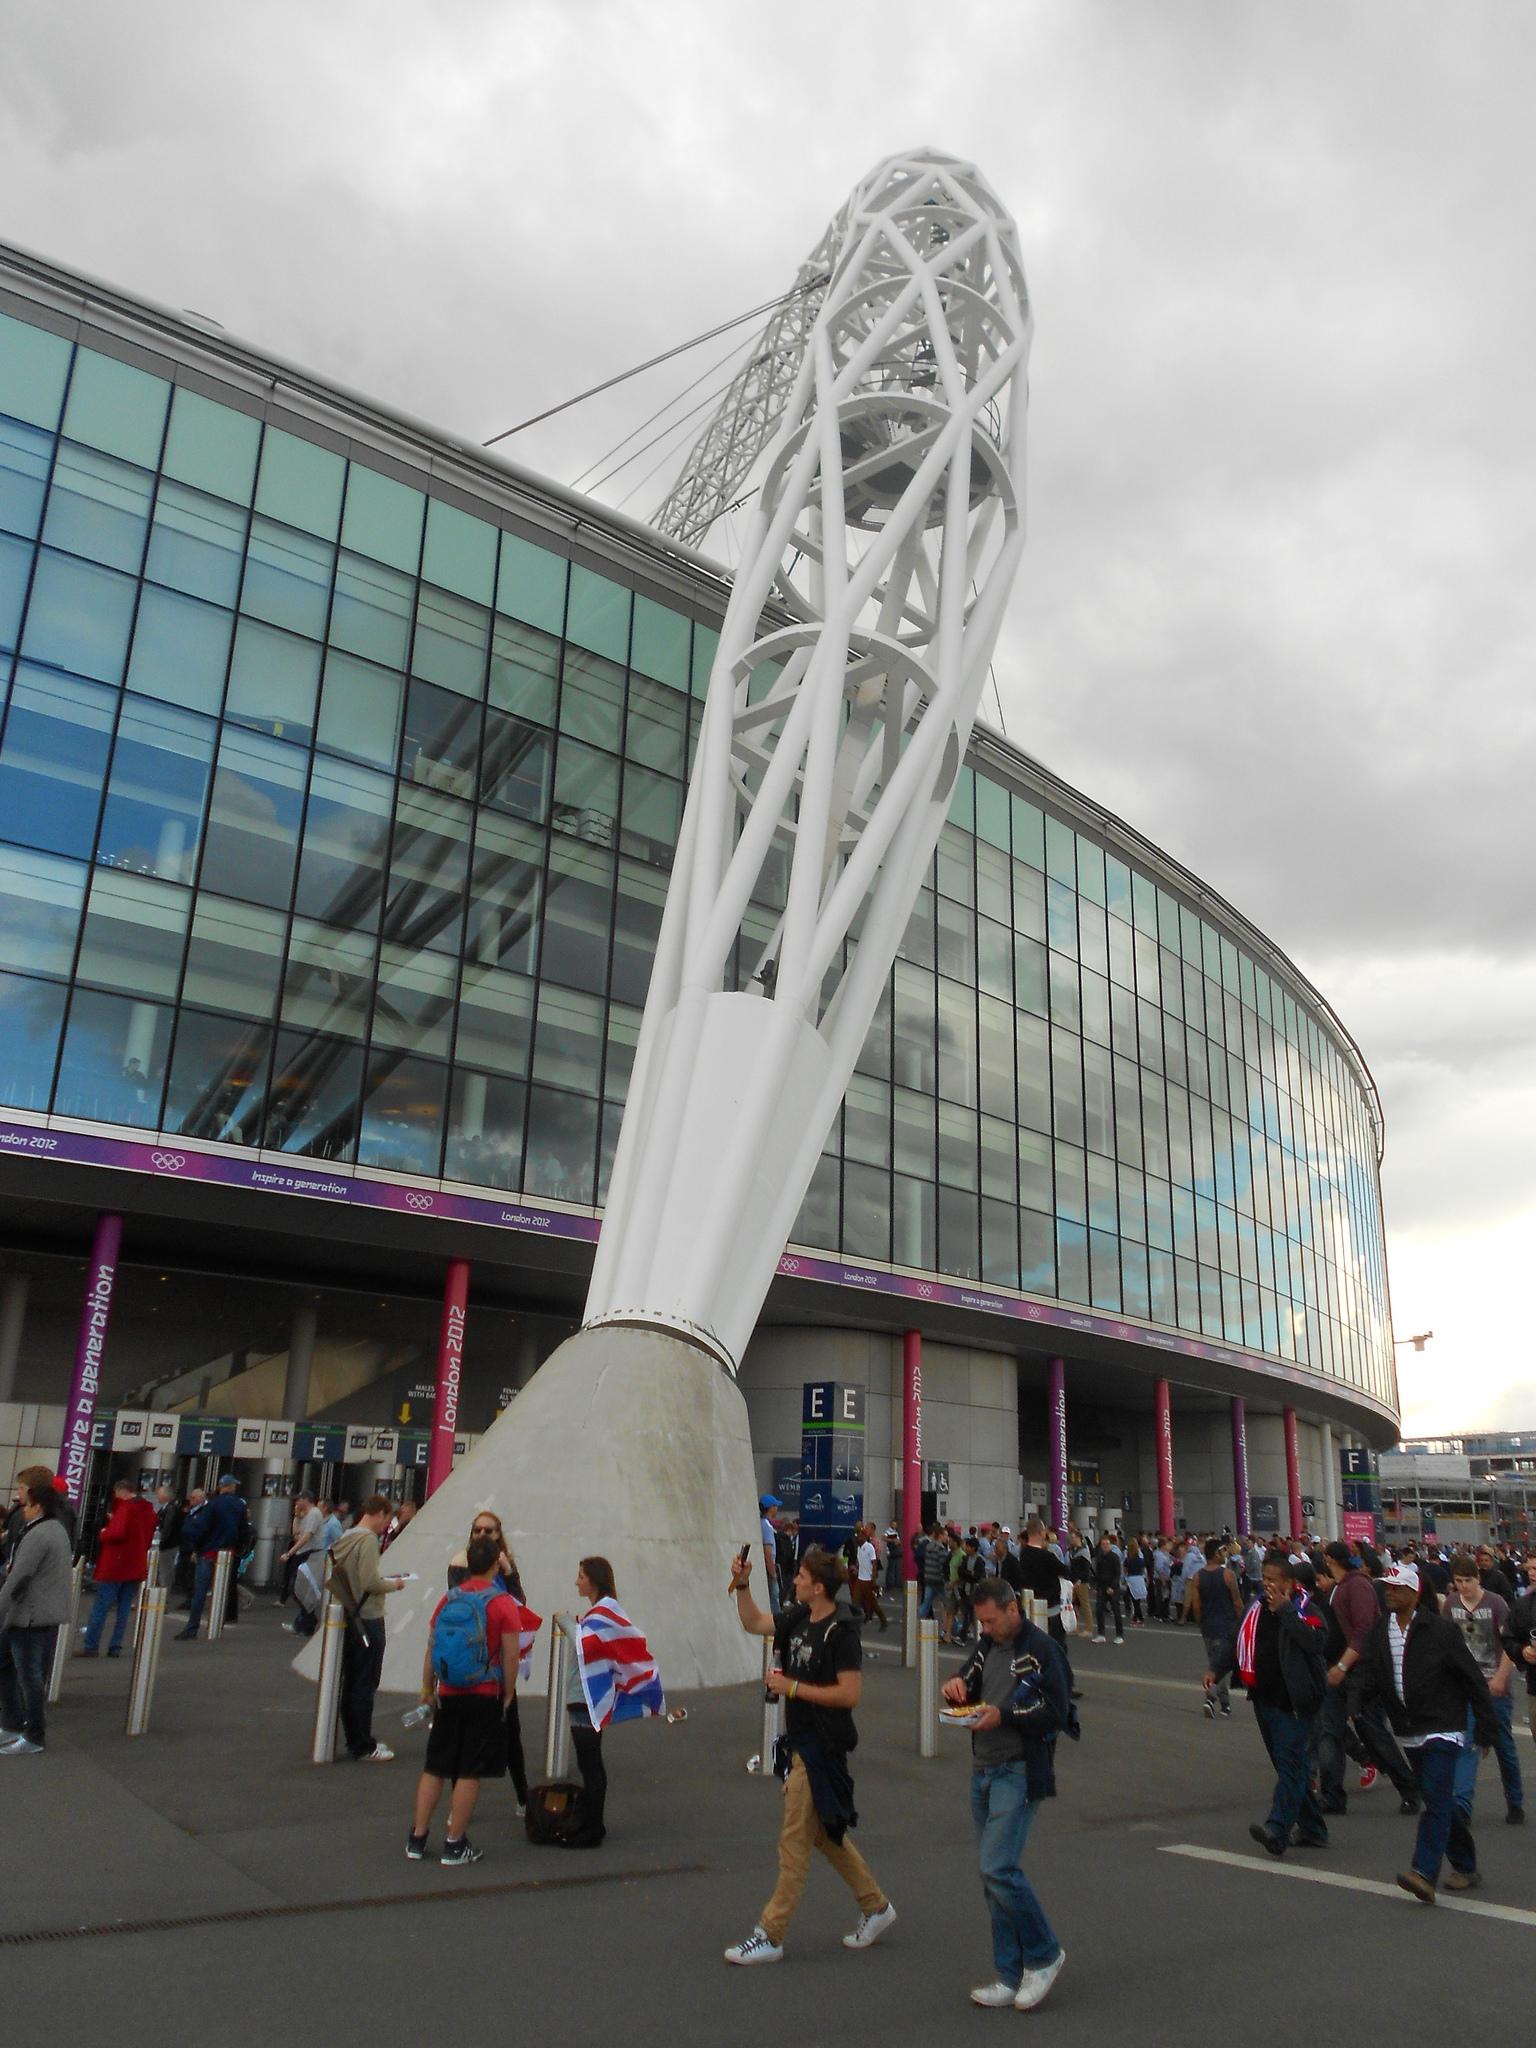 Болельщики перед входом, Стадион Уэмбли, Лондон